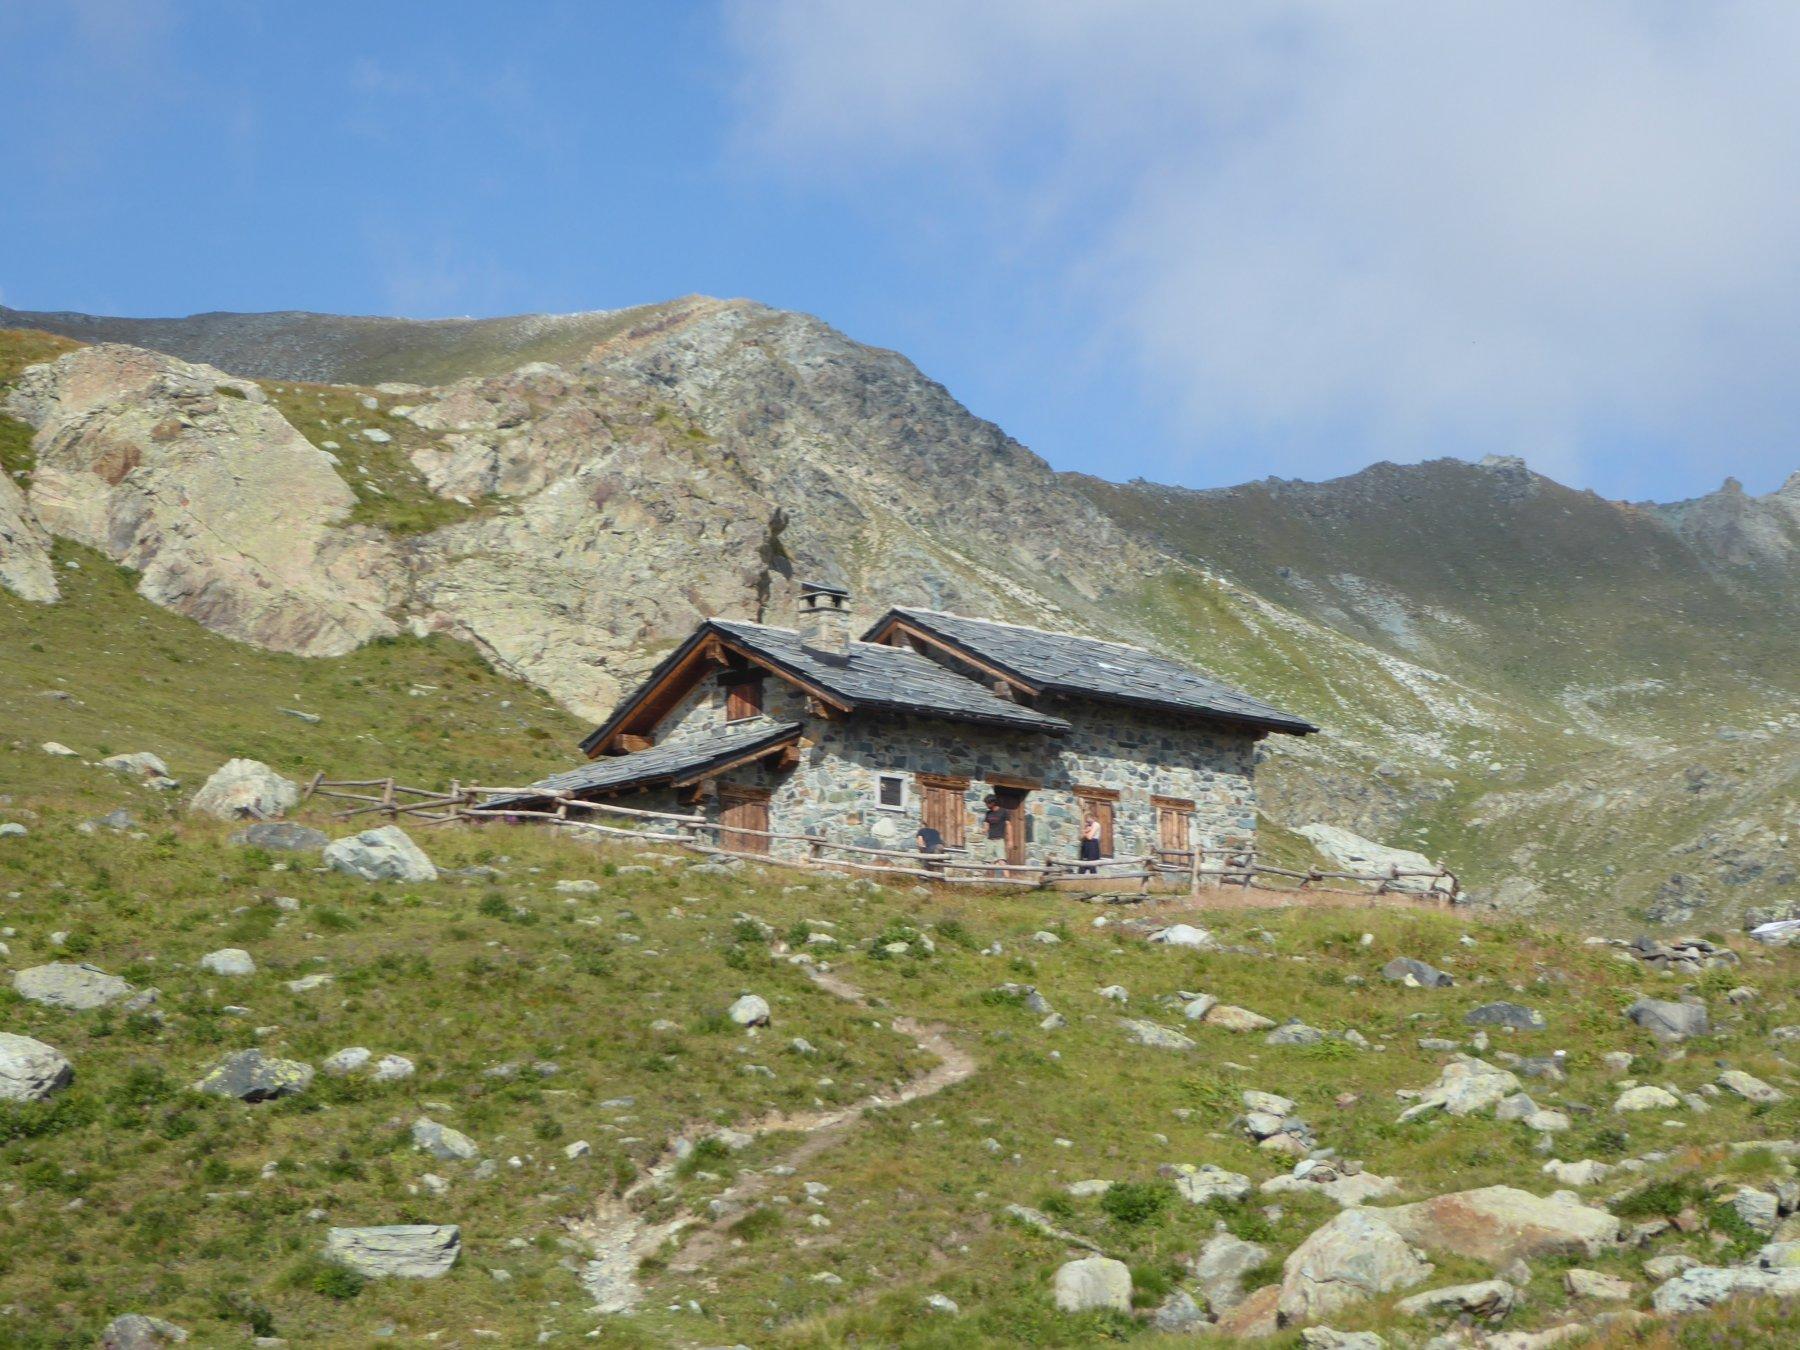 il casotto Verthuy a 2530 metri